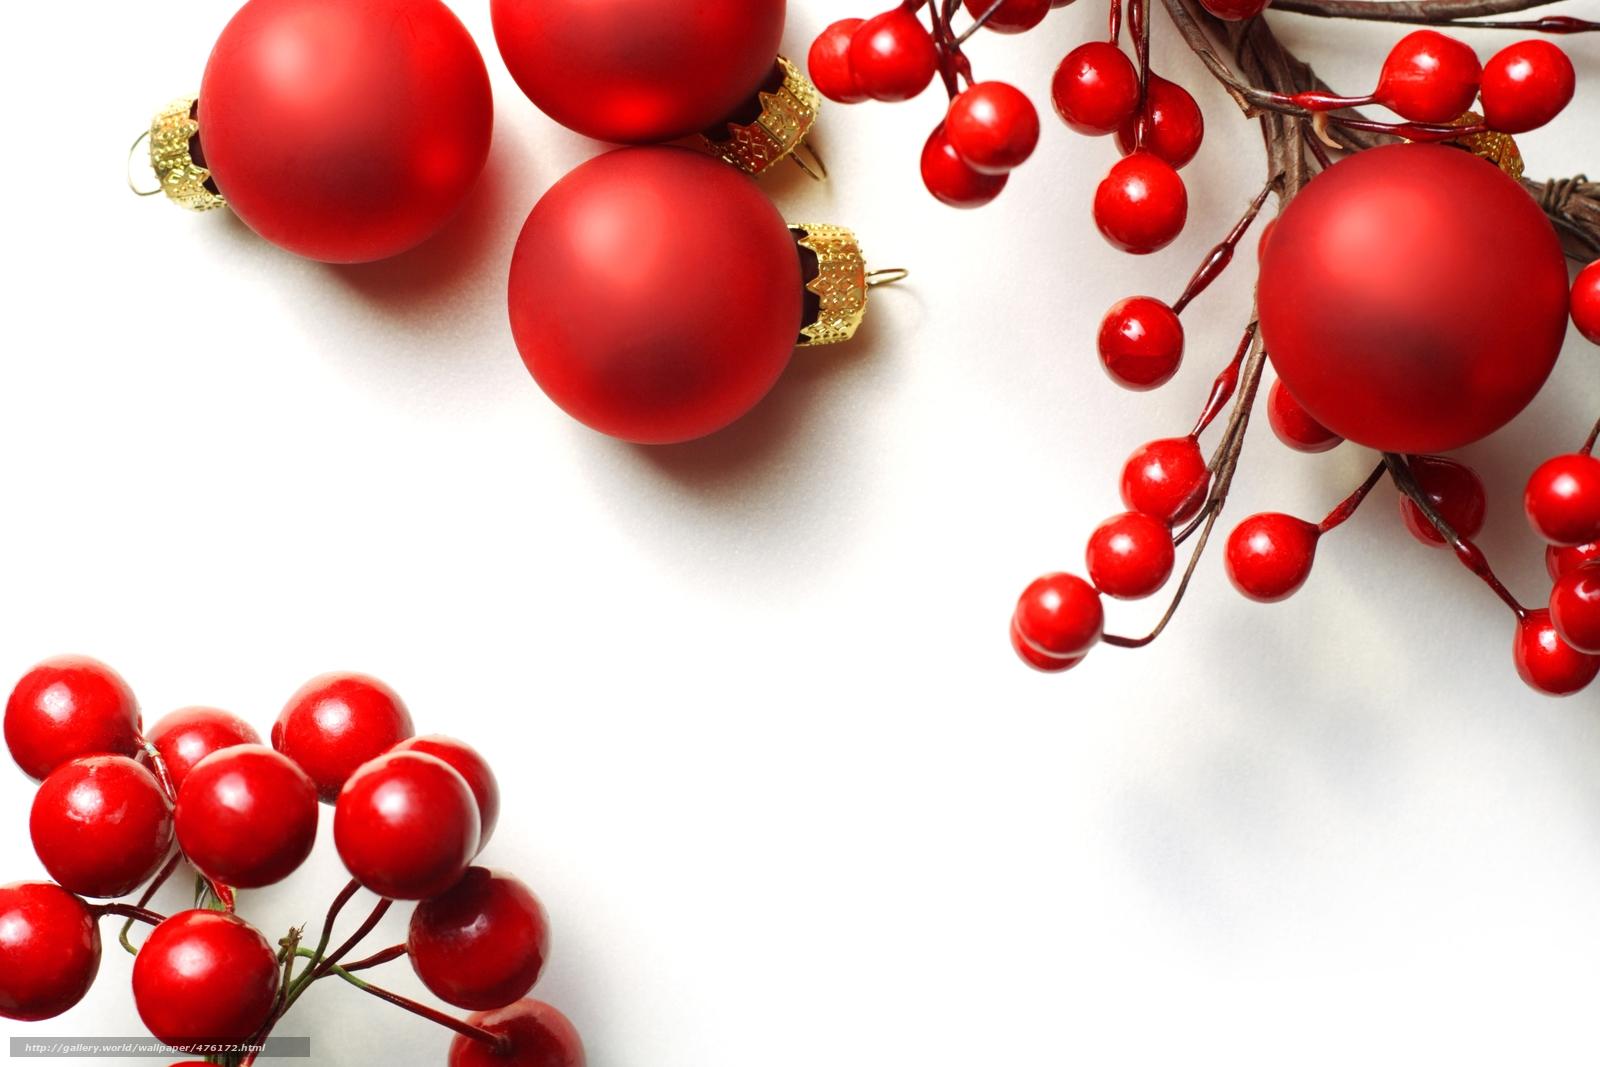 шары, красные, шарики, елочные, игрушки, ветка, ягоды, падуб, Новый Год, Рождество, Новый год